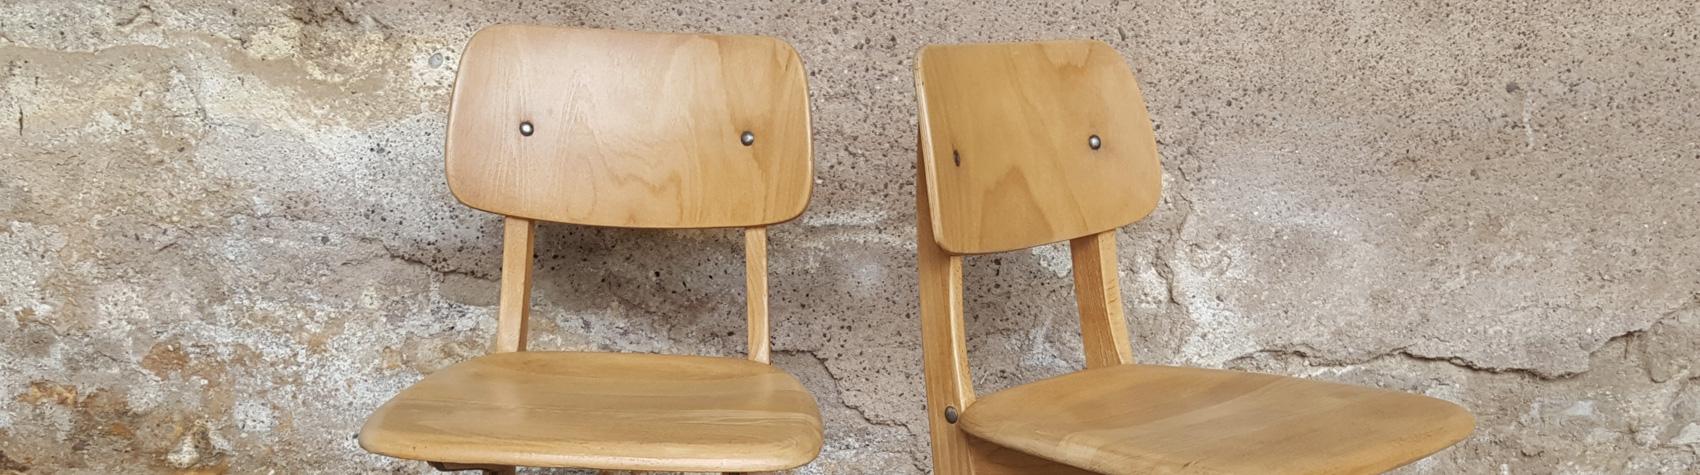 Les chaises d'enfants CASALA